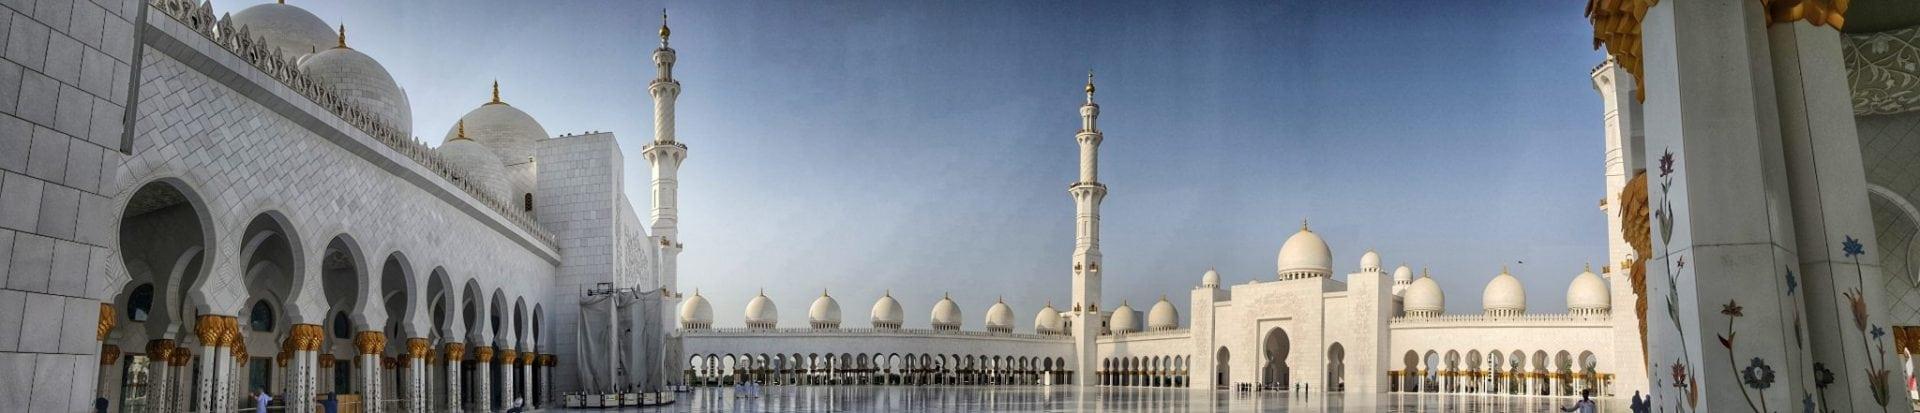 جامع الشيخ زايد - صورة كالبطاقة